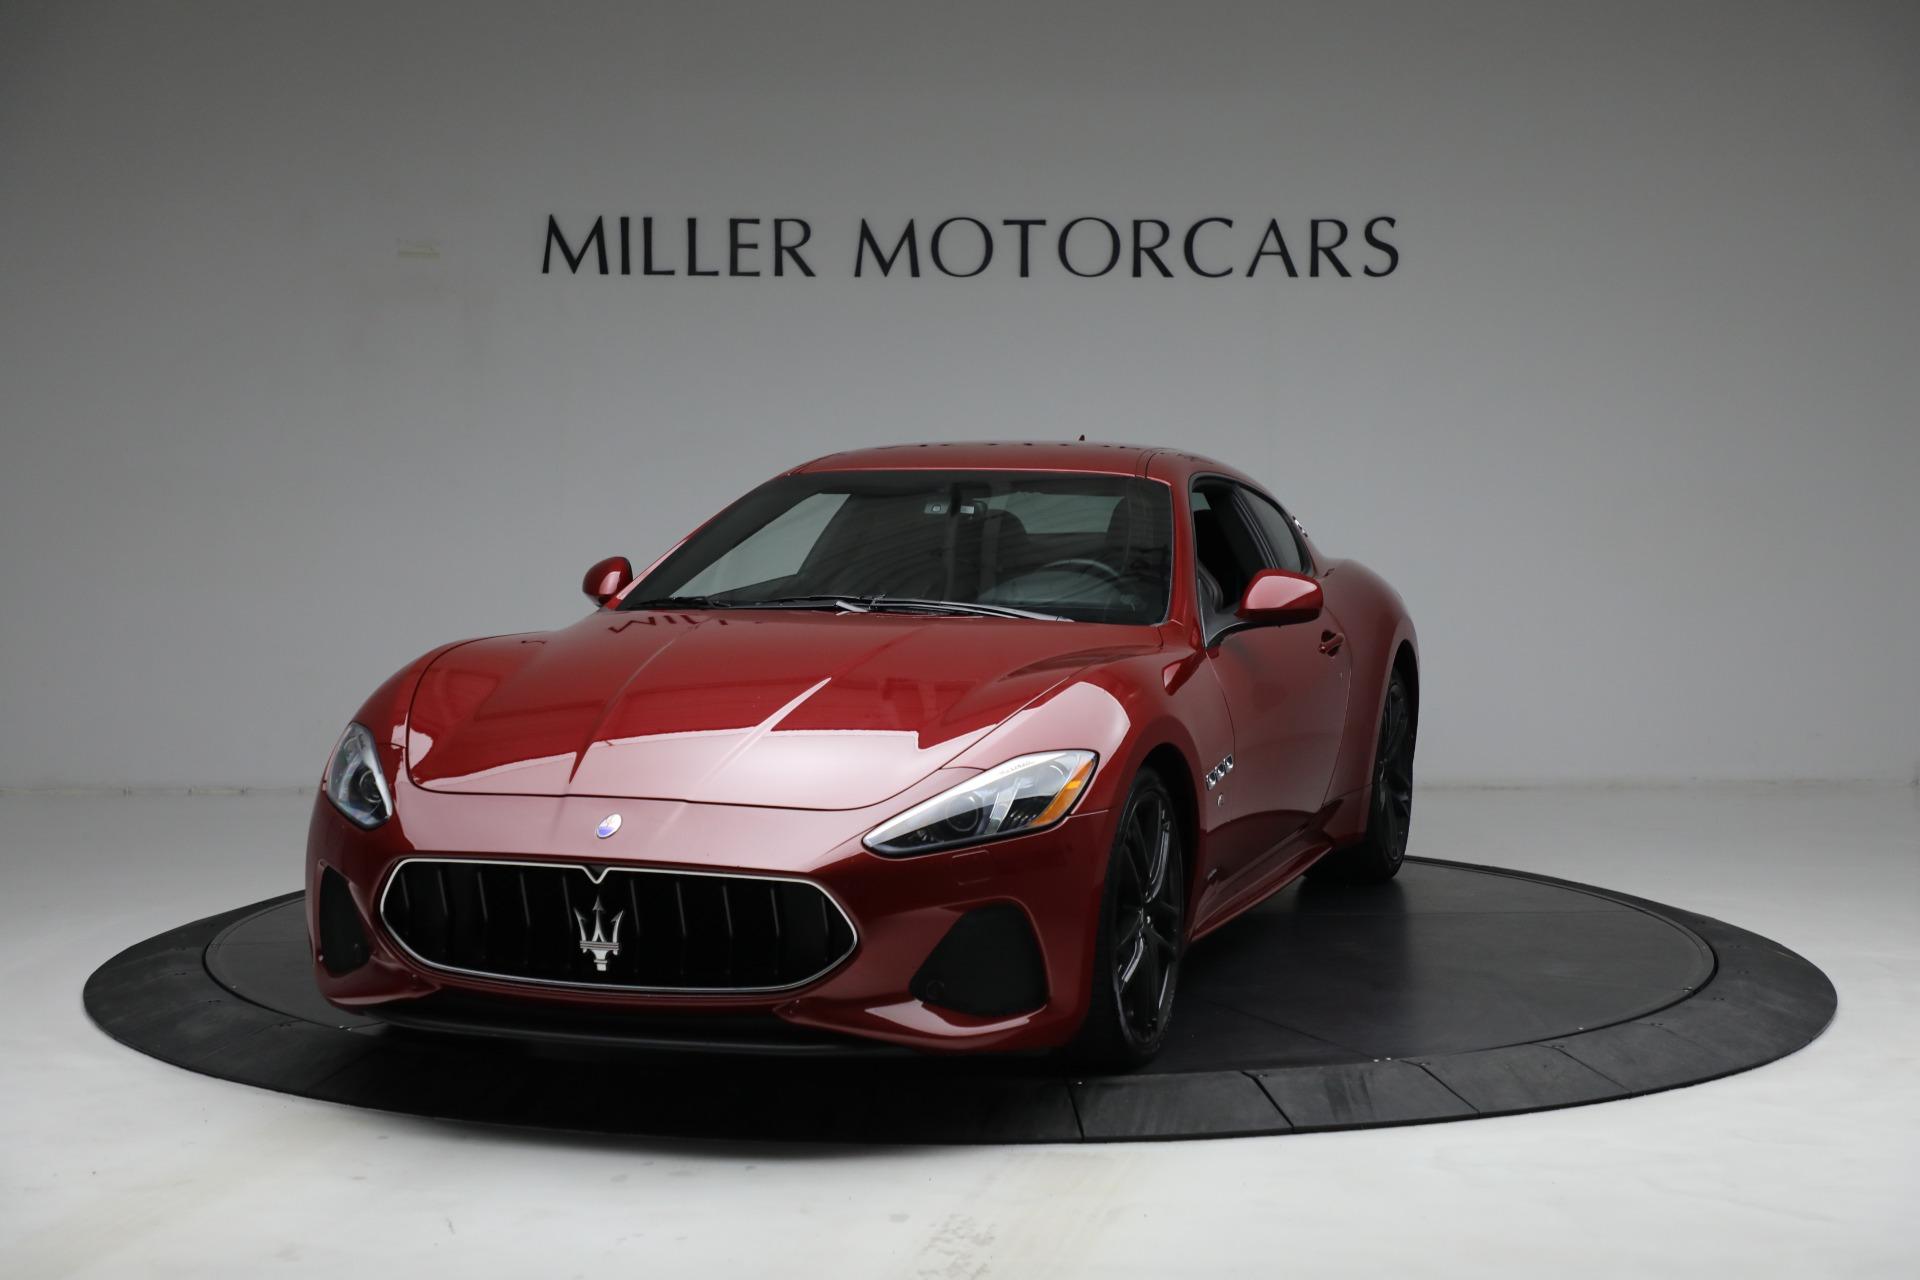 Used 2018 Maserati GranTurismo Sport for sale $94,900 at Pagani of Greenwich in Greenwich CT 06830 1